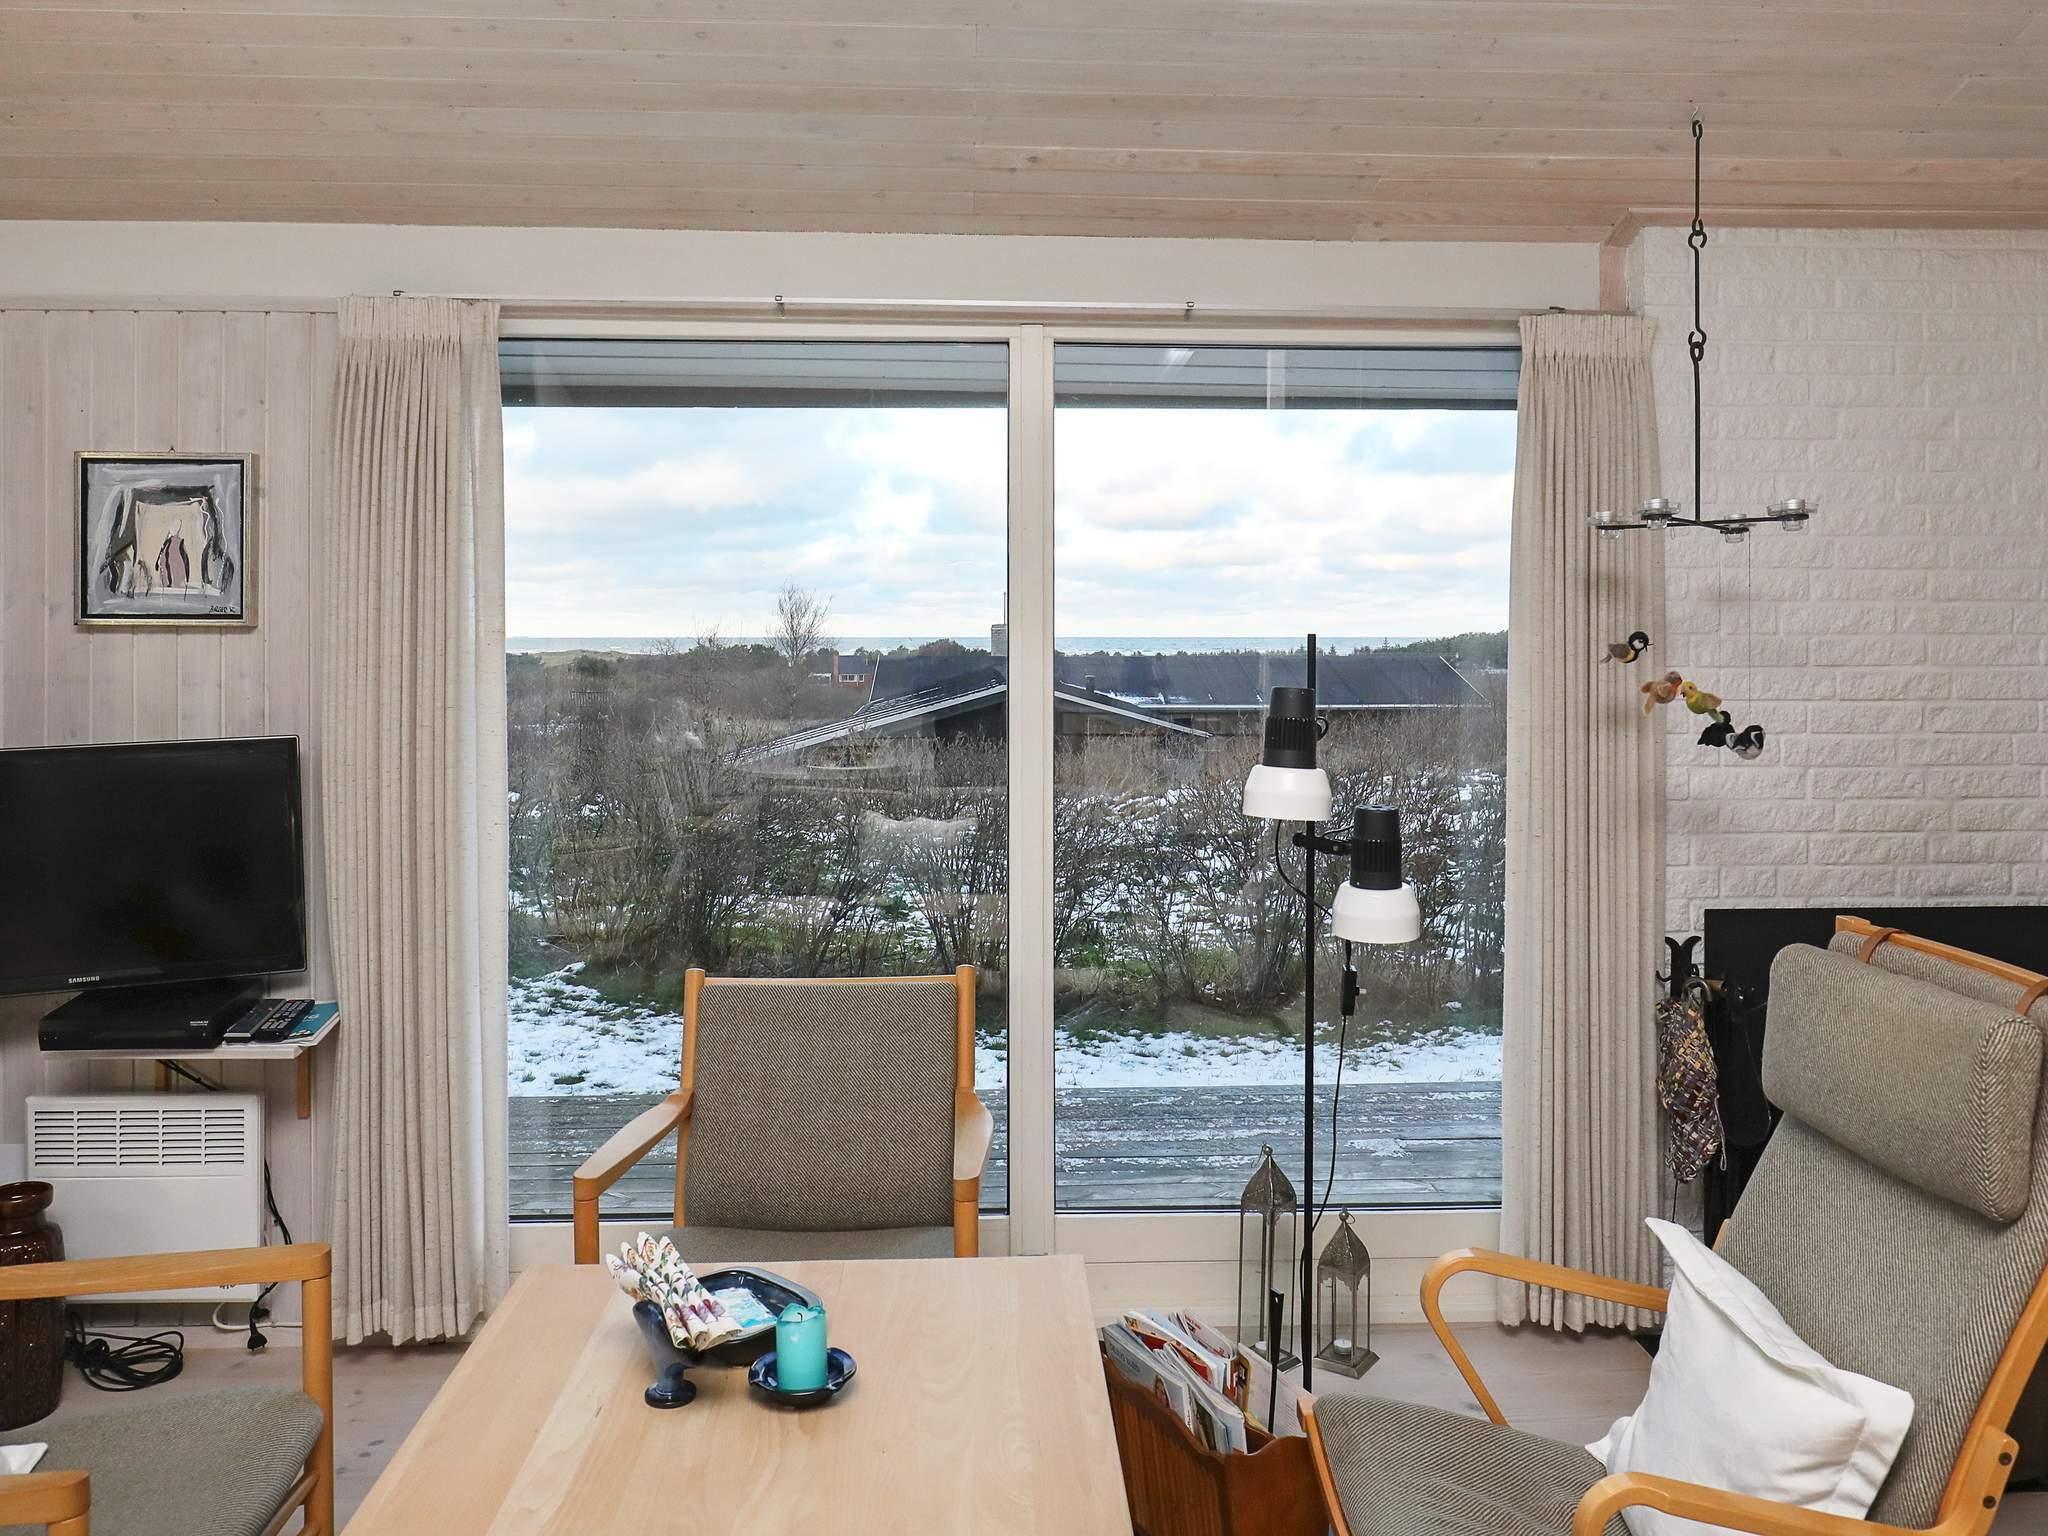 Ferienhaus Kjul Strand (2355118), Hirtshals, , Nordwestjütland, Dänemark, Bild 7